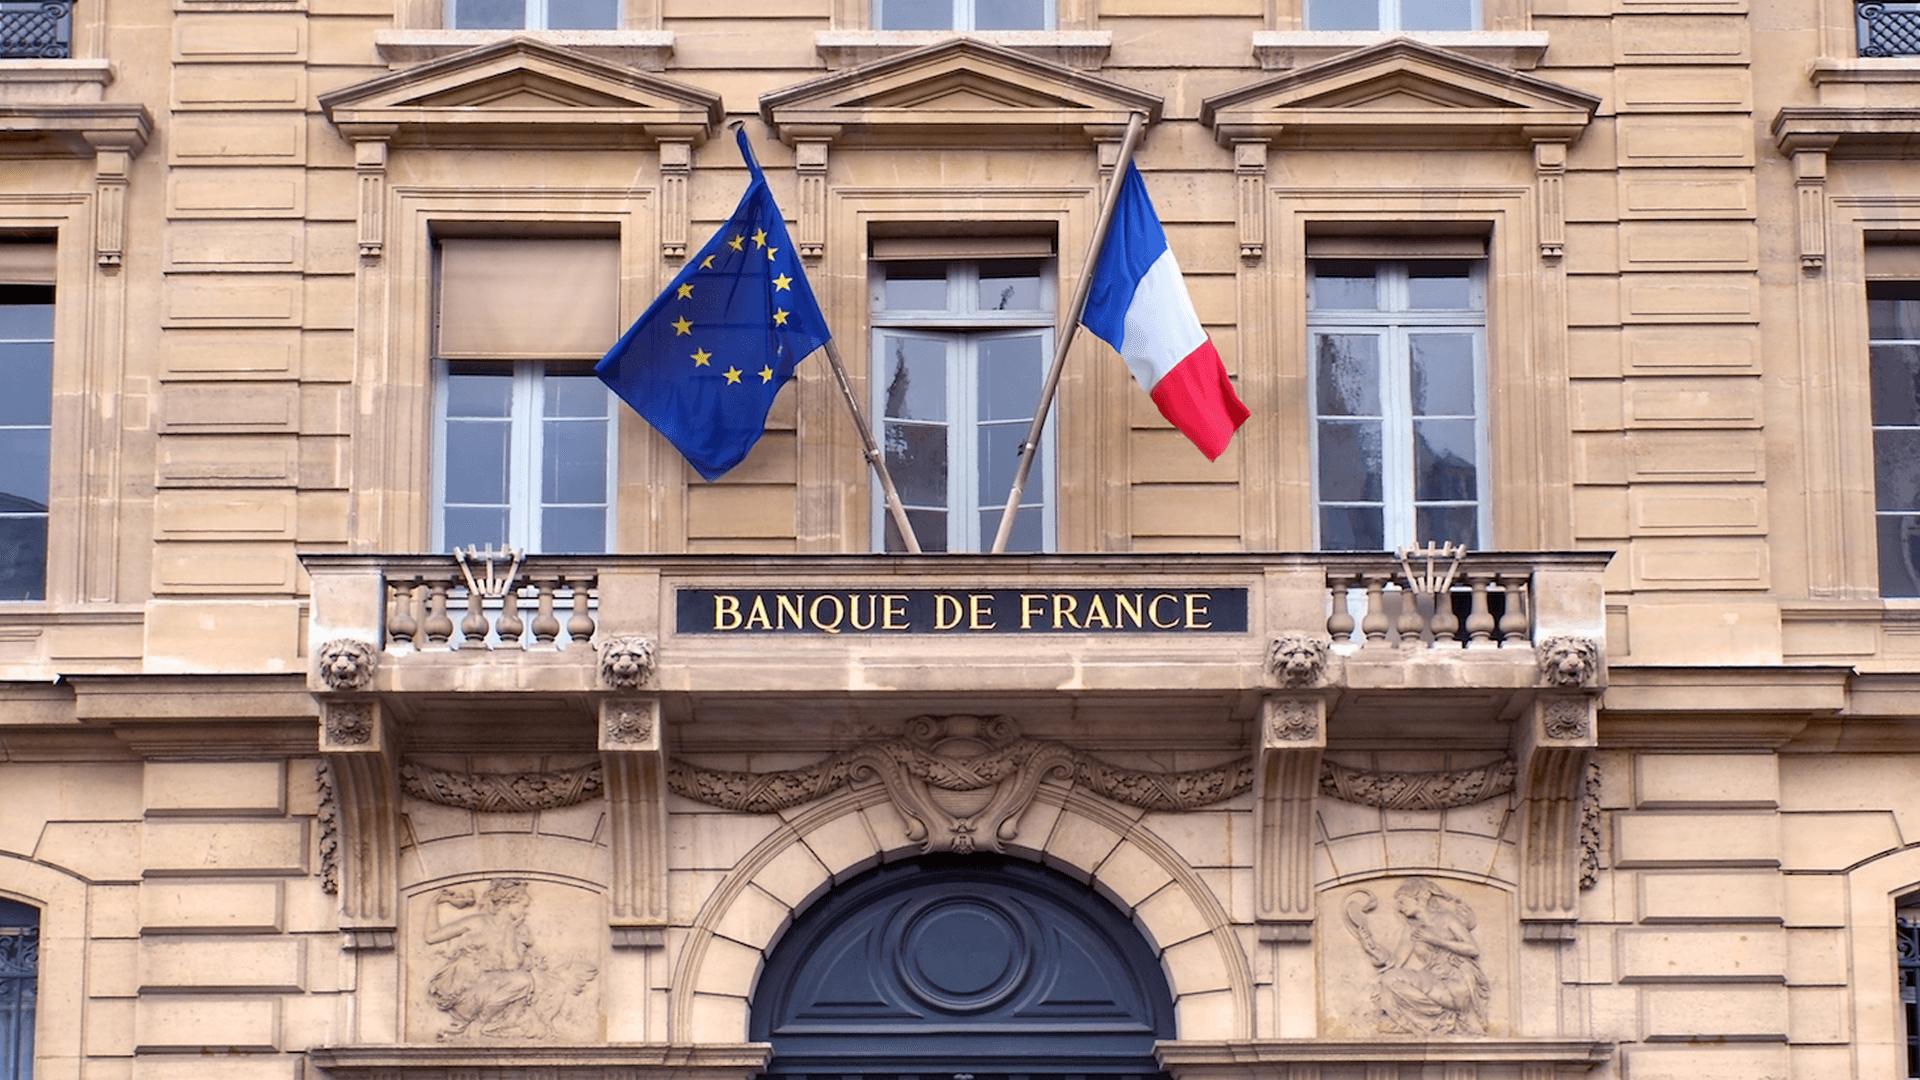 سرمایه گذاری در فرانسه | اقامت فرانسه از طریق سرمایه گذاری